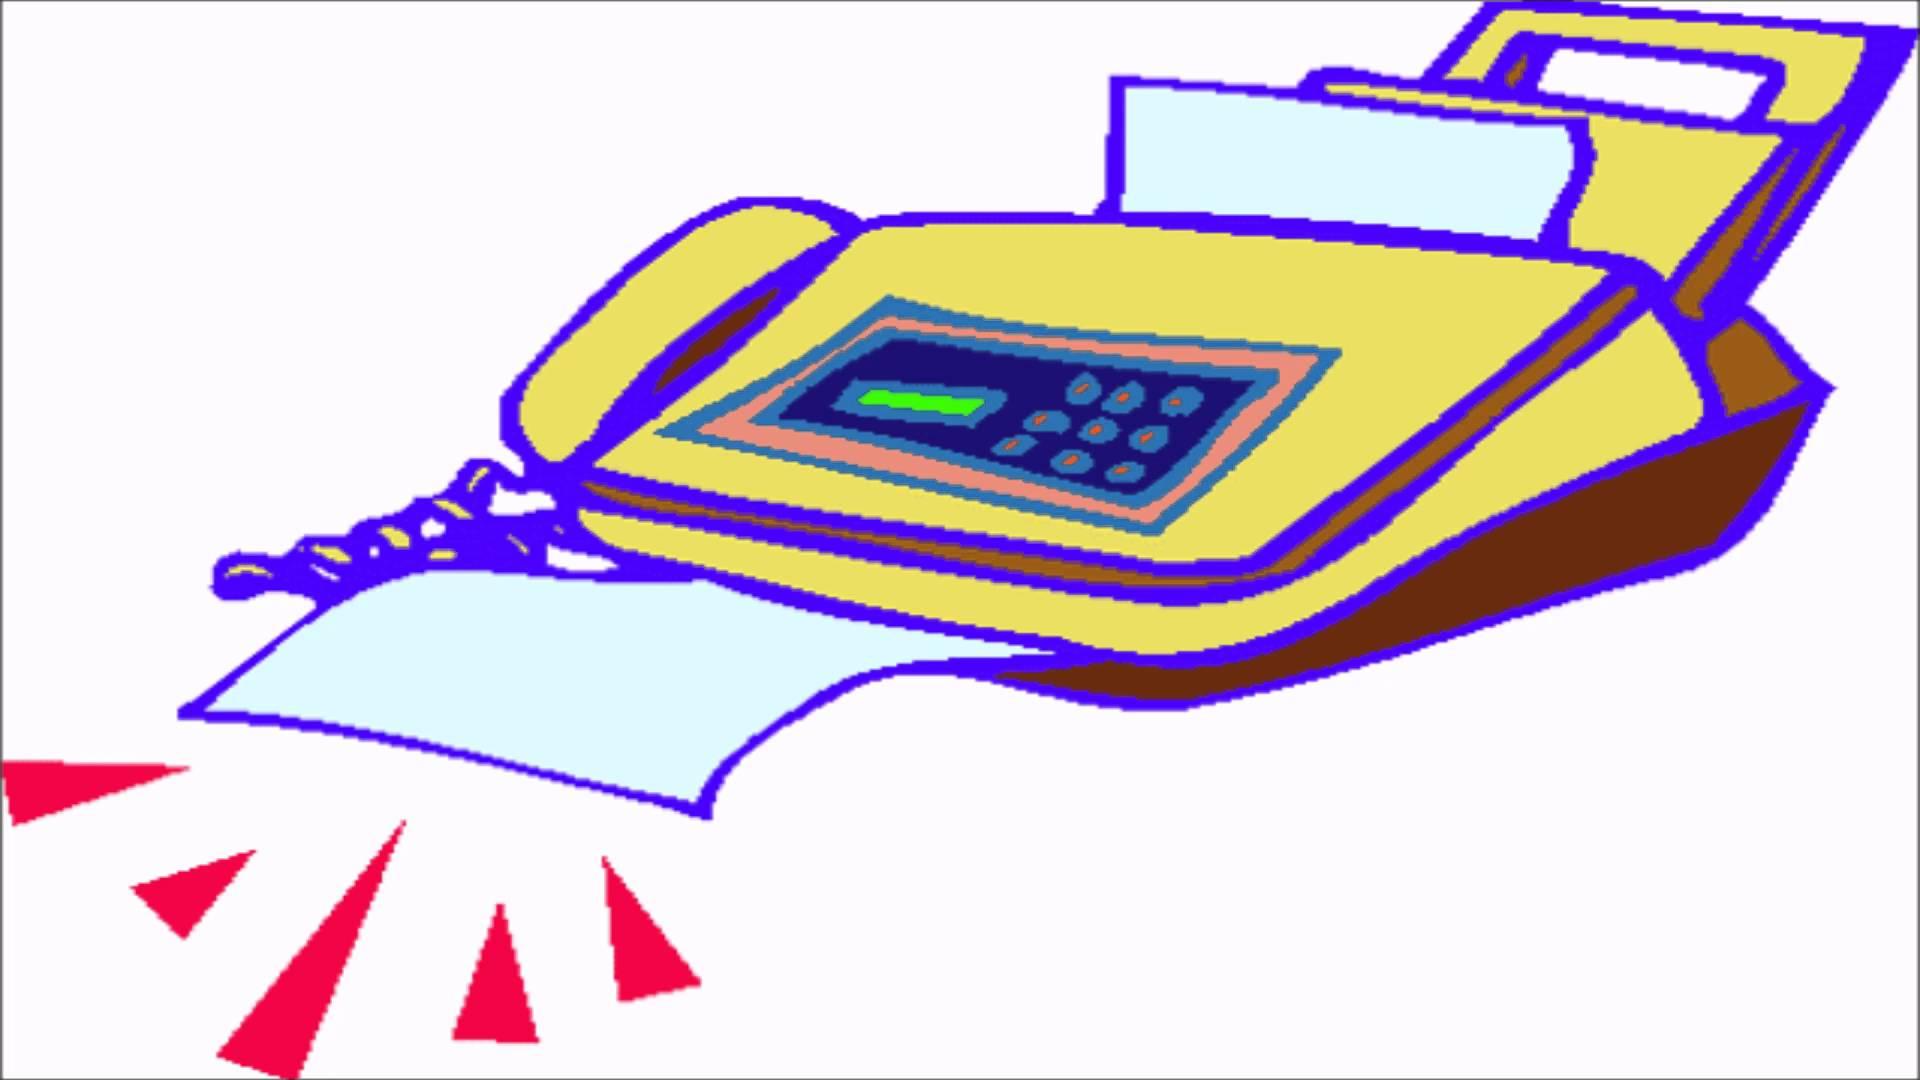 1920x1080 Fax Machine Sound Effect